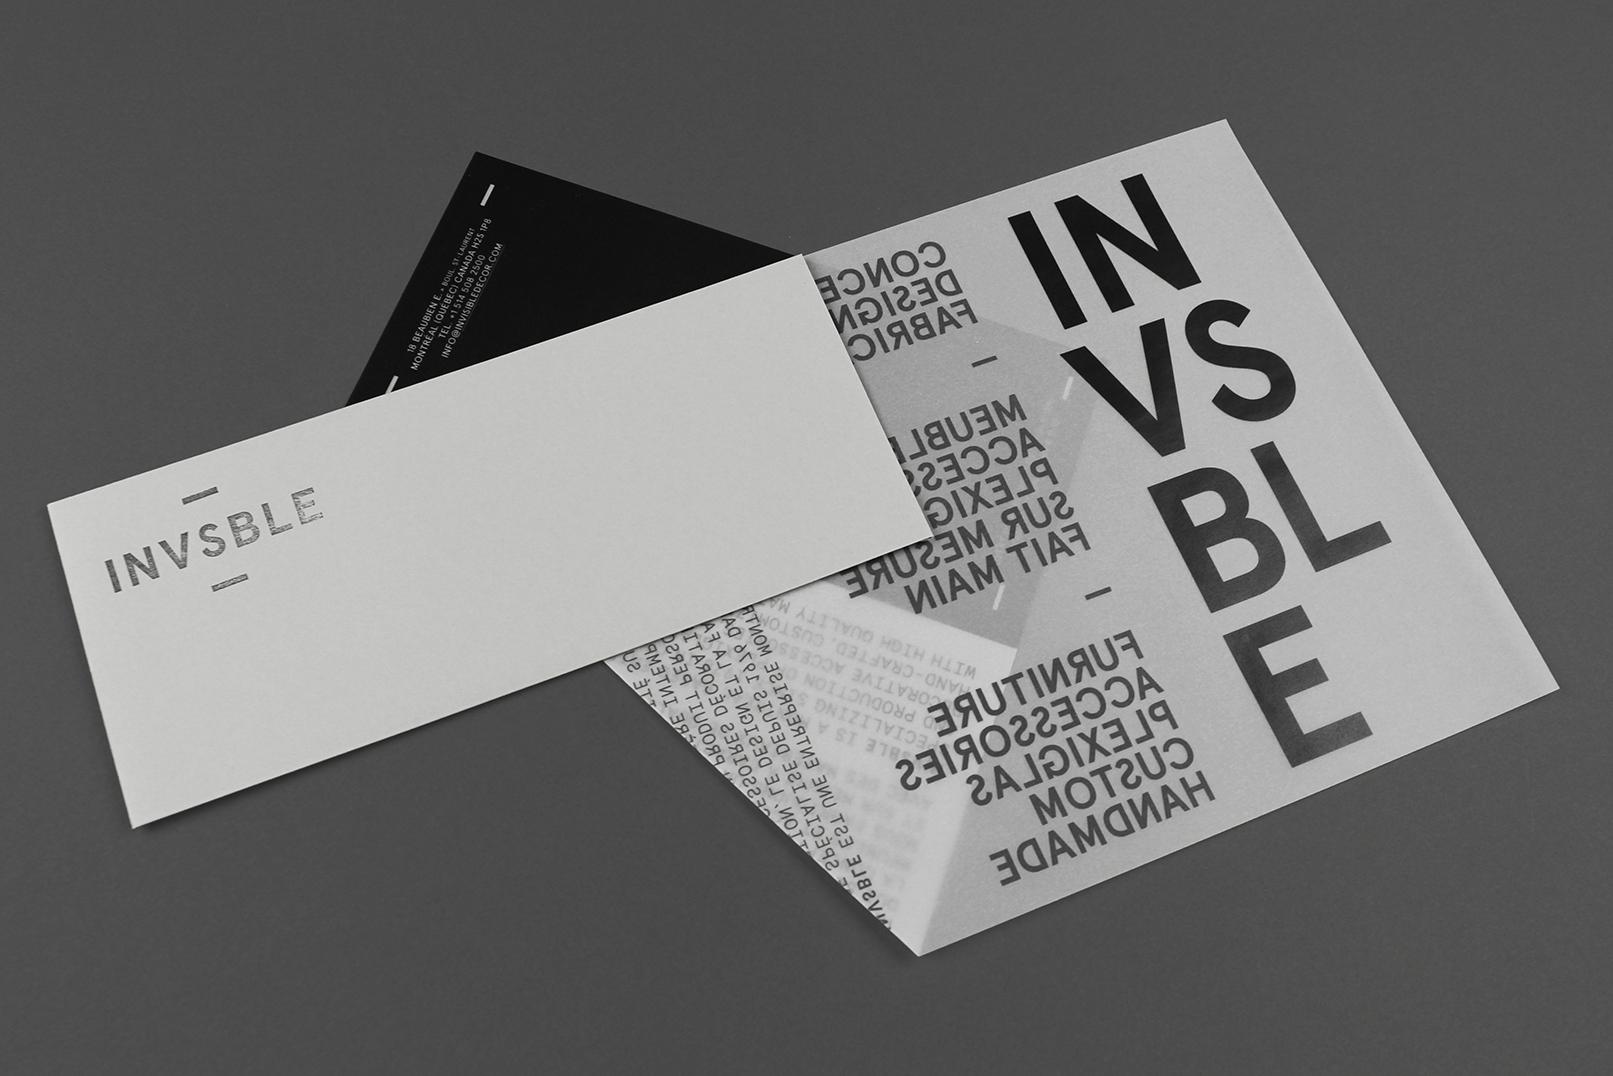 Boutique INVSBLE